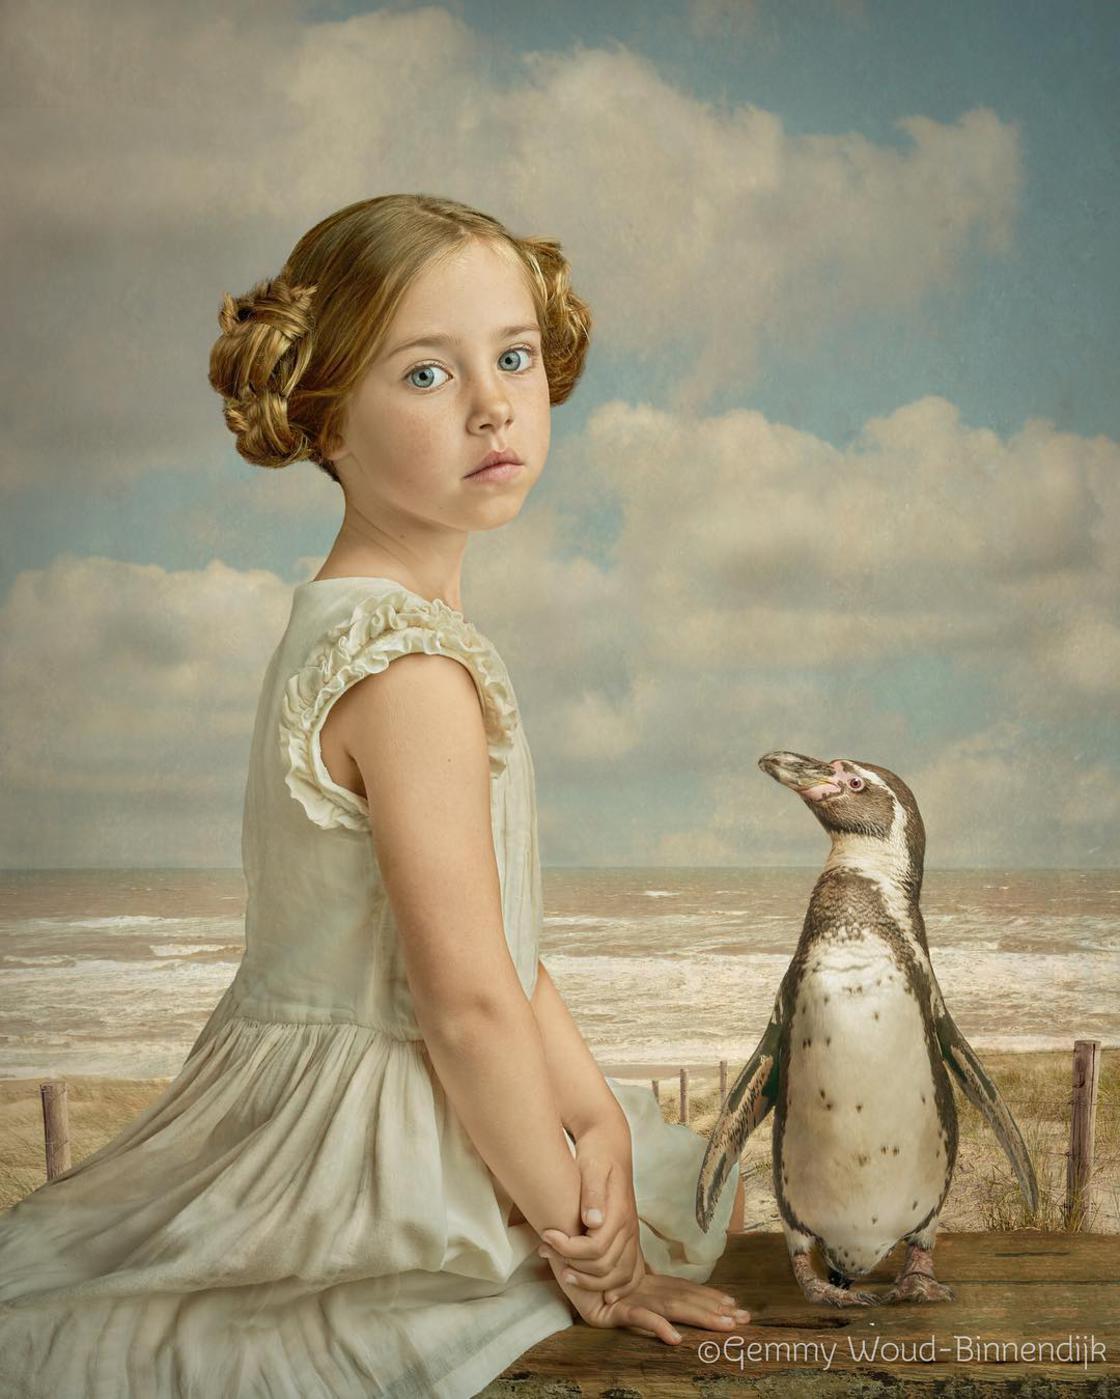 gemmy-woud-binnendijk-kid-portraits-12.jpg